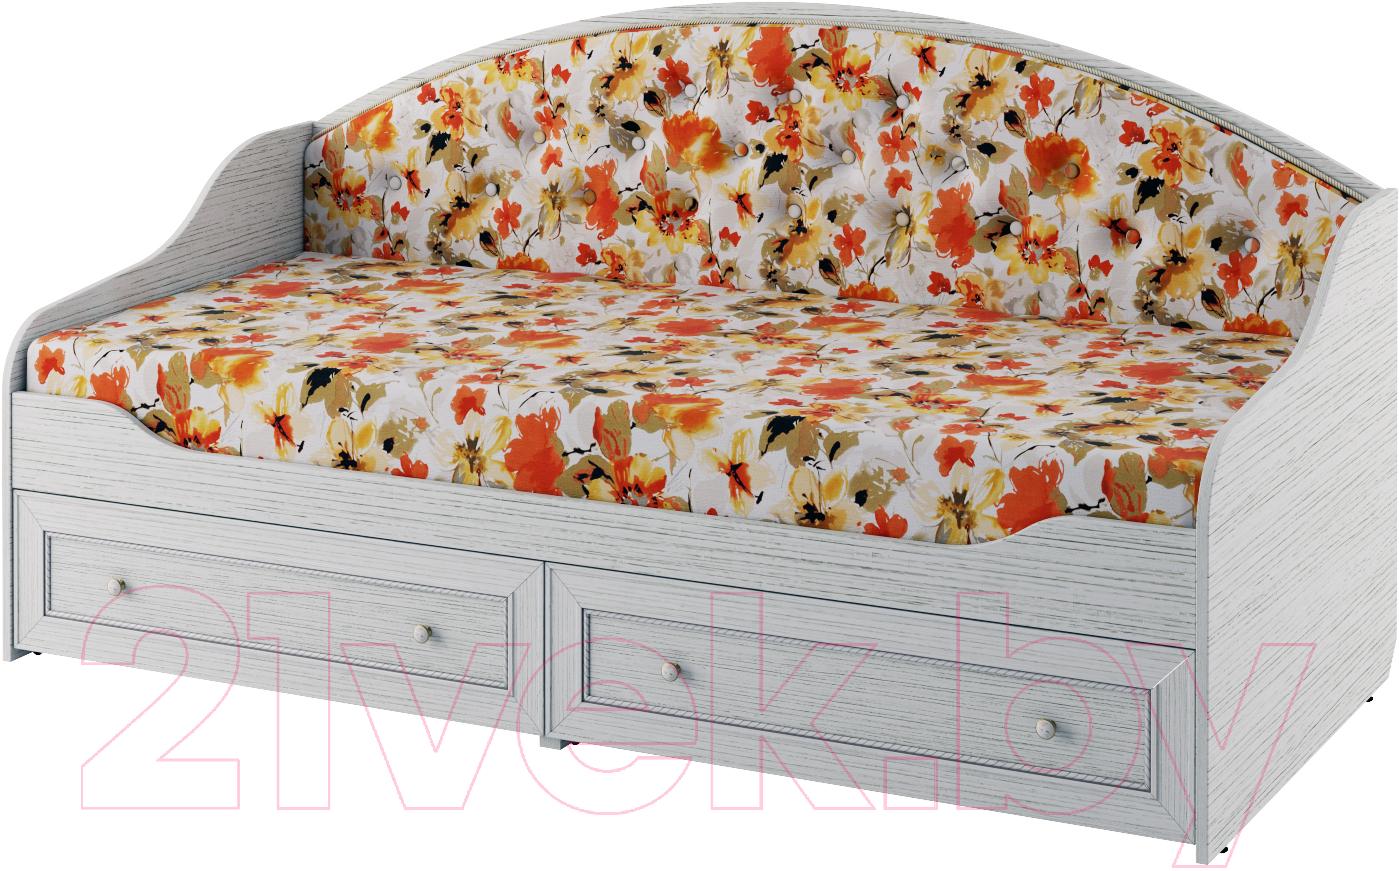 Купить Односпальная кровать Softform, Стрекоза (гасиенда/акварель 02), Беларусь